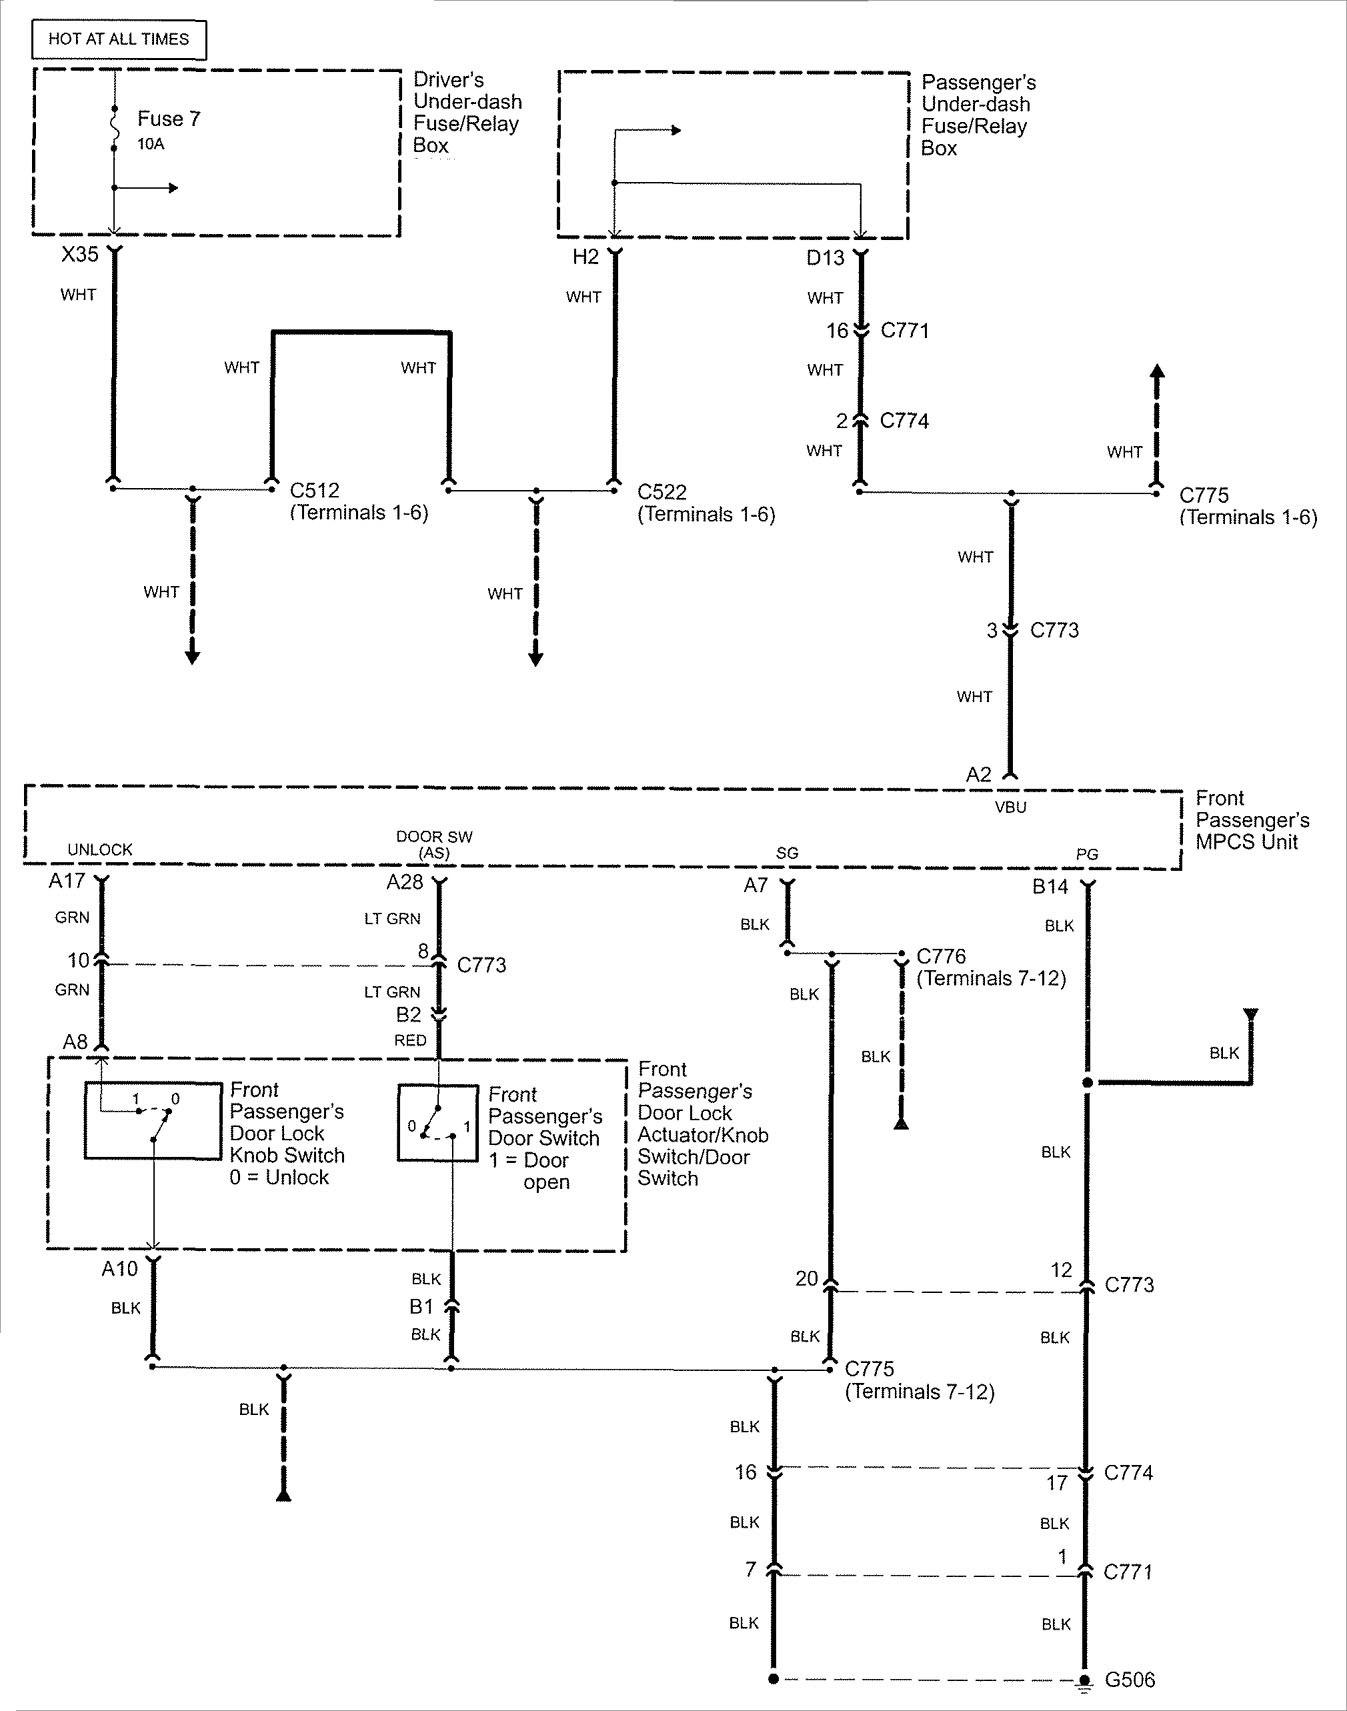 Berühmt 280z Schaltplan Bilder - Die Besten Elektrischen Schaltplan ...